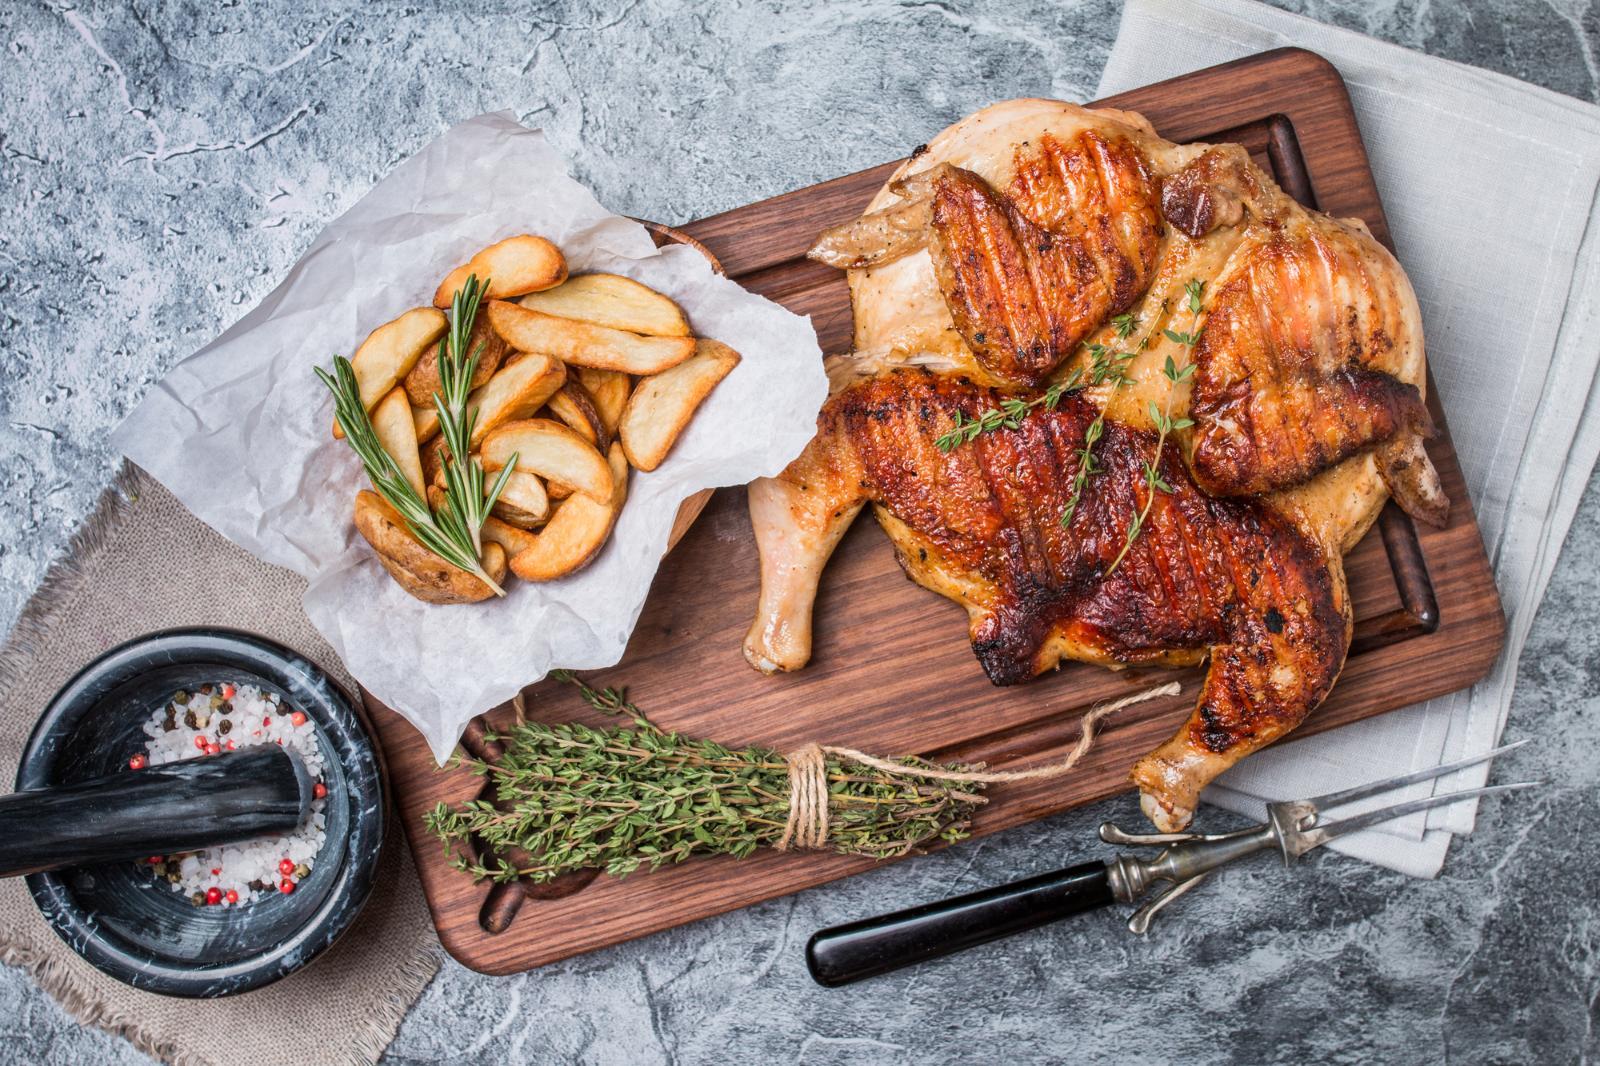 Идеальный! Готовим цыпленка табака по рецепту Раисы Алибековой: [center][b][u]Ингредиенты:[/u][/b]  Курица ~ 1 кг  Масло ~ 3 ст.л.  Чеснок — 3 зубчика  Хмели-сунели — 1/2